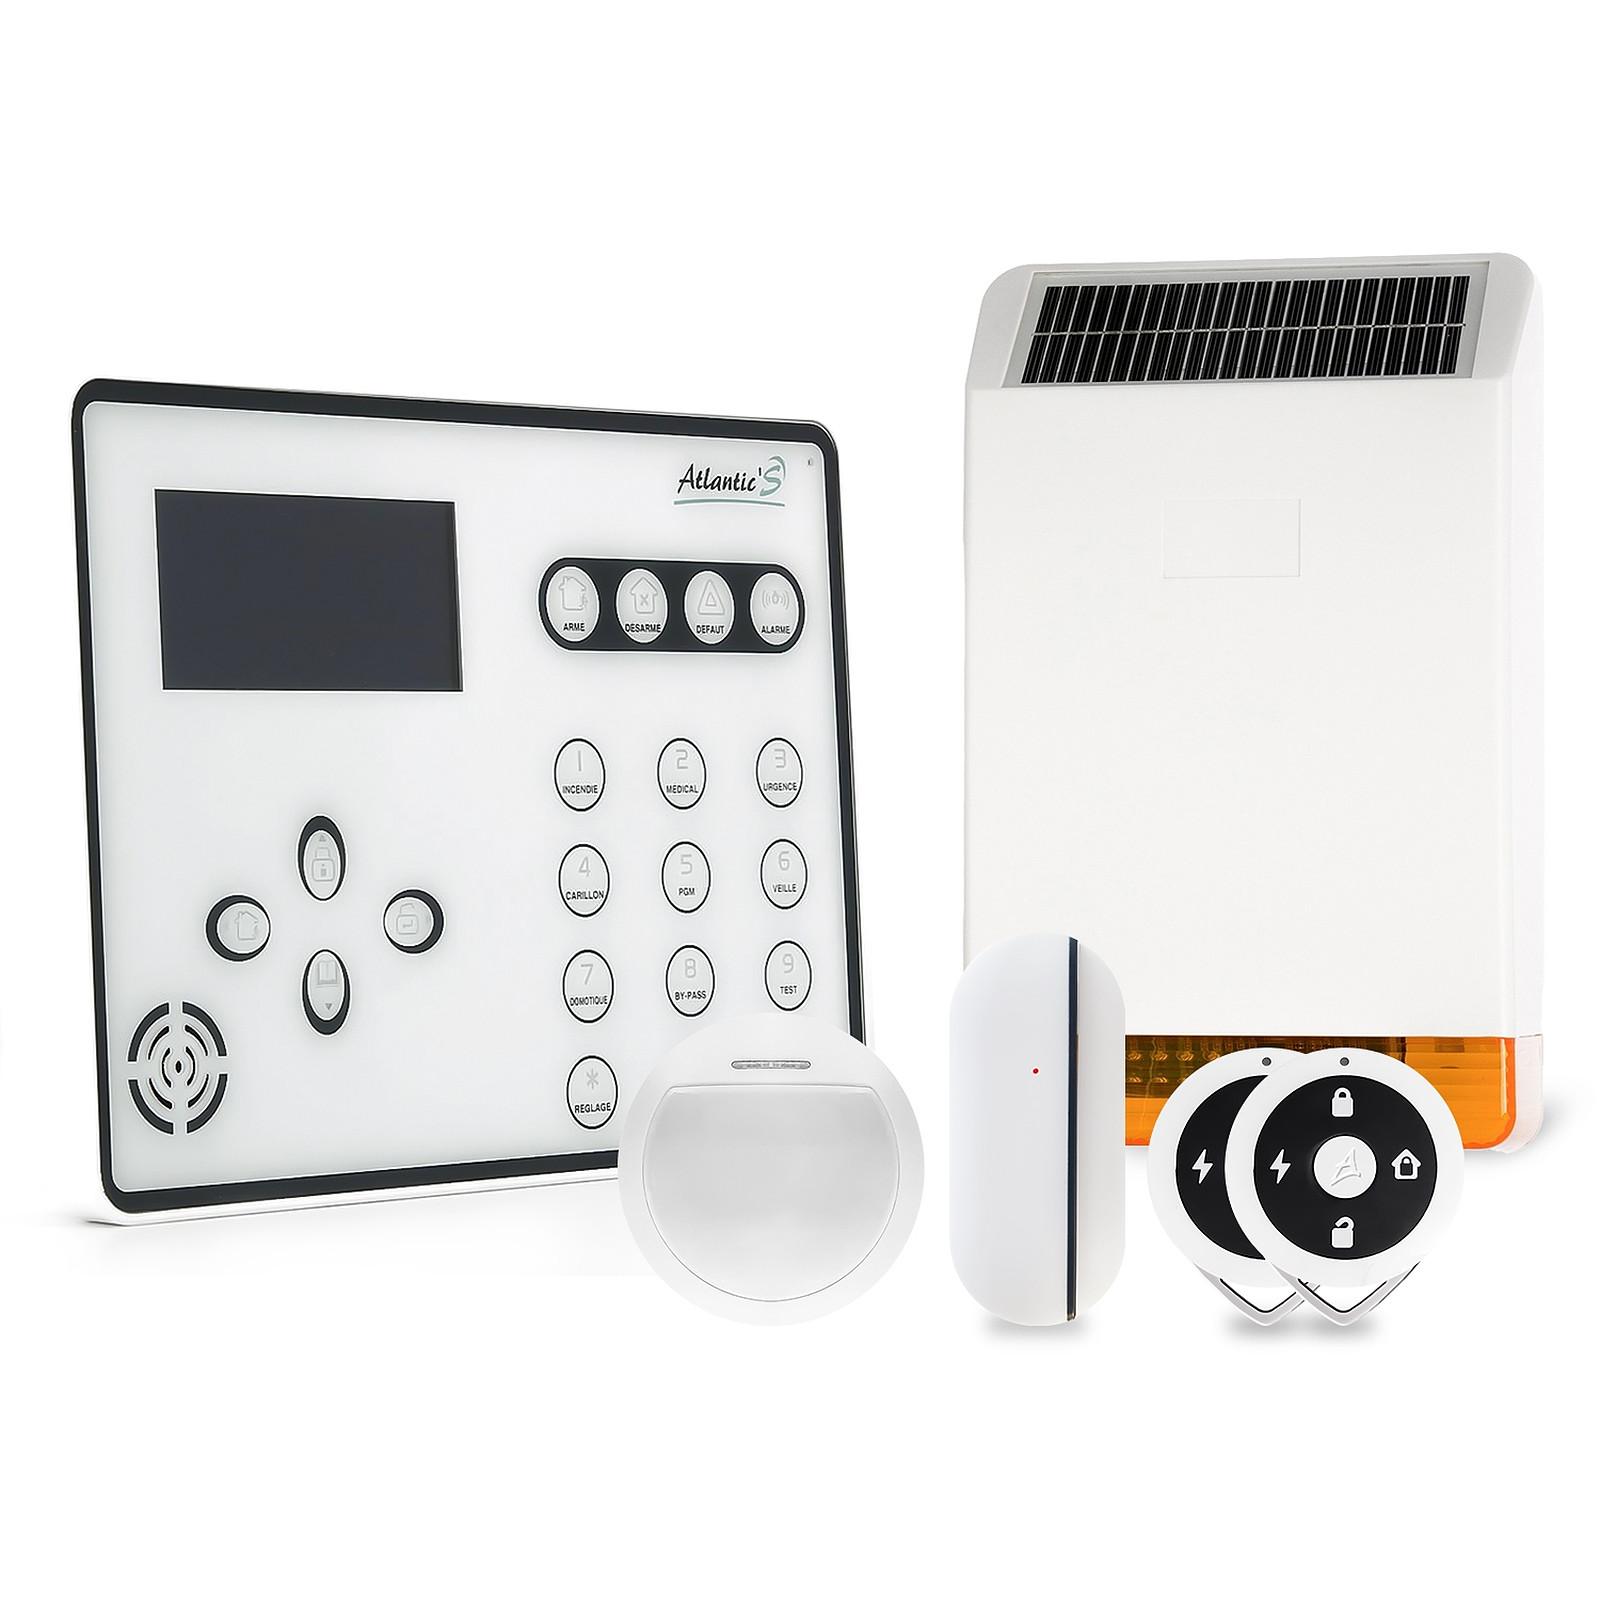 Atlantic'S ATEOS - Alarme de maison sans fil GSM Kit 1C (MD-326R)